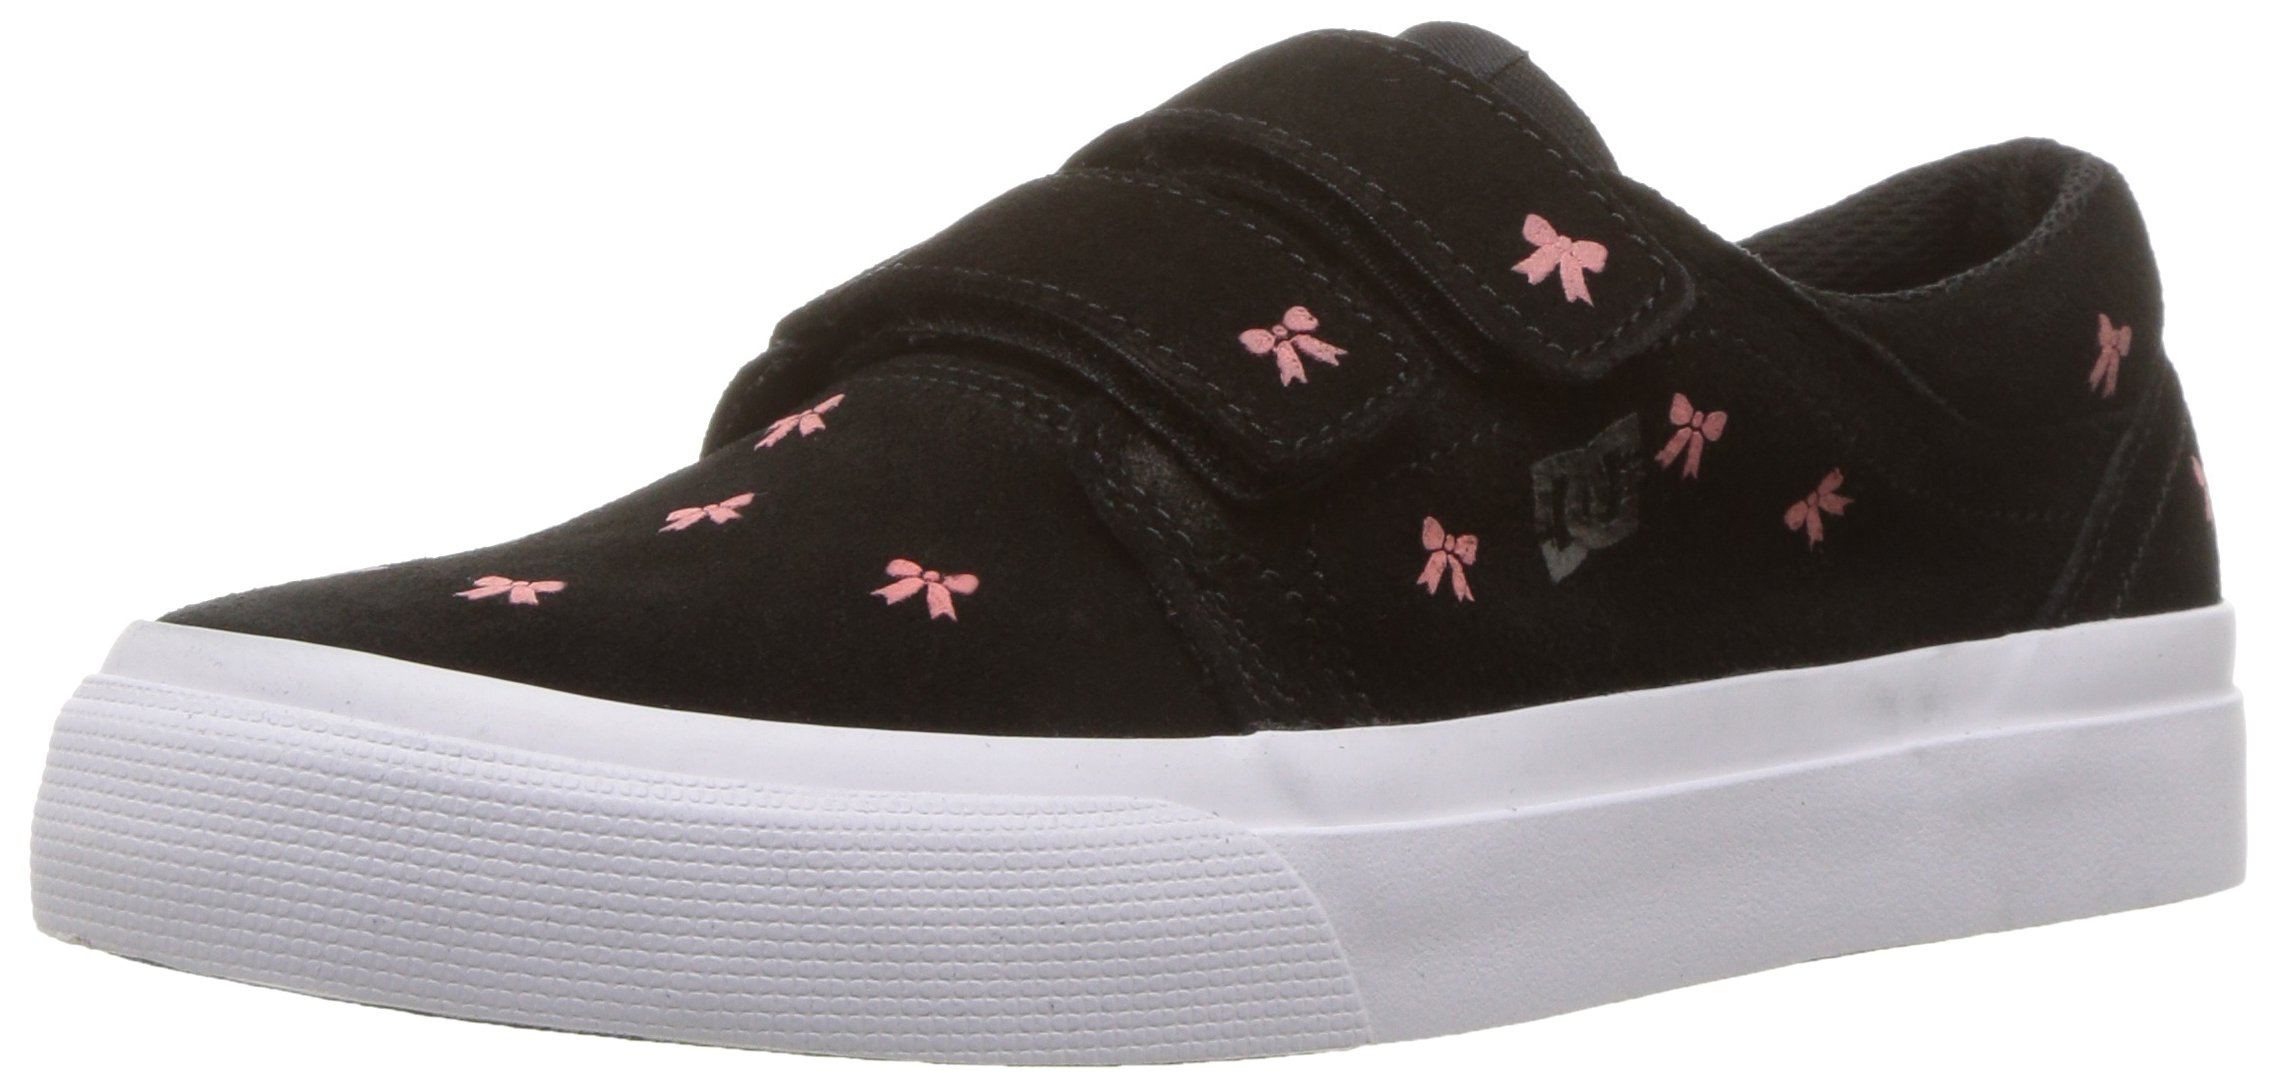 DC Girls' Trase V SE Skate Shoe, Black/Pink, 11.5 M US Little Kid